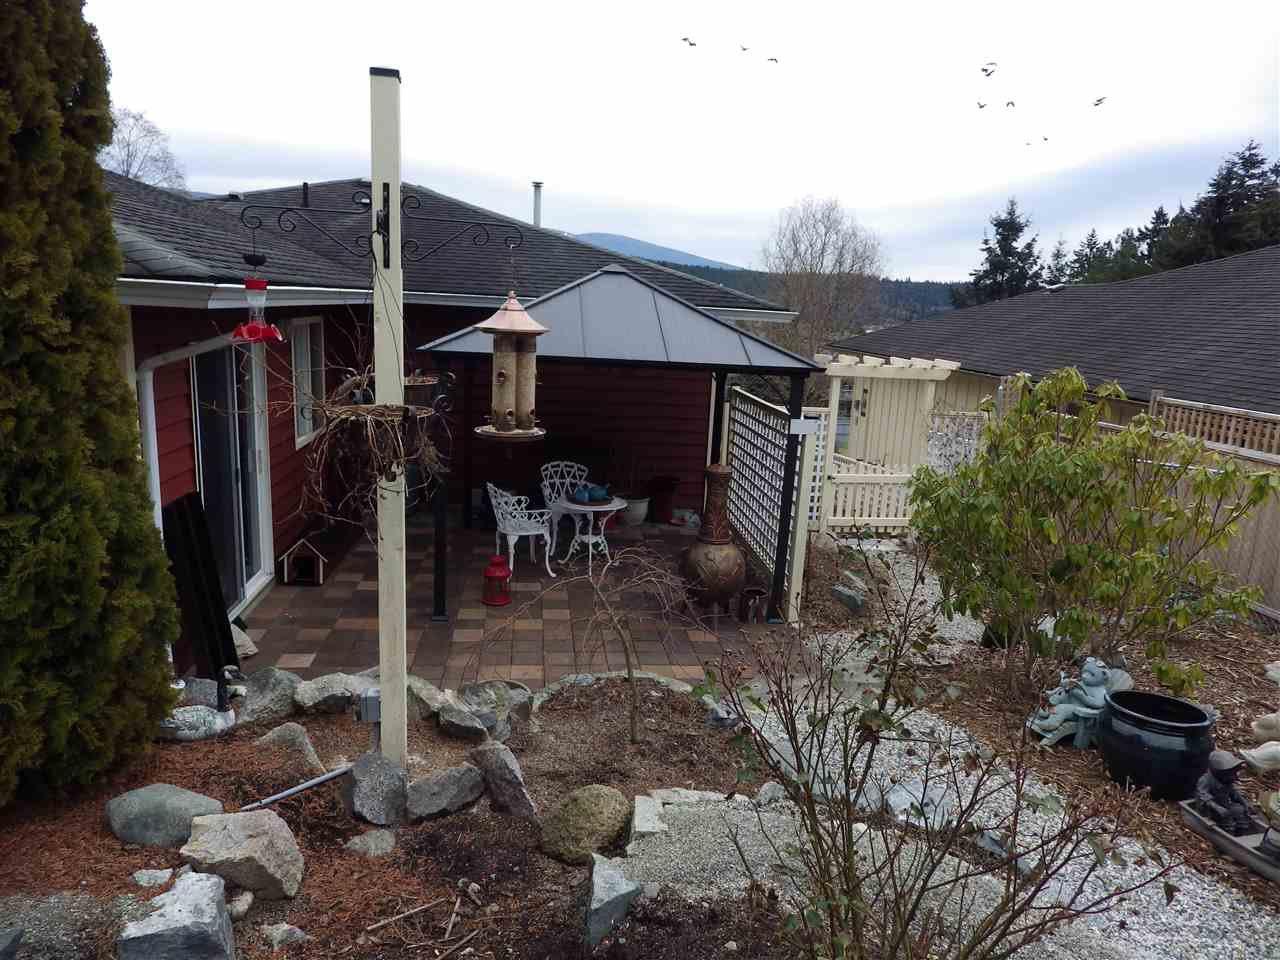 Photo 10: Photos: 5599 MEDUSA Place in Sechelt: Sechelt District House for sale (Sunshine Coast)  : MLS®# R2344394